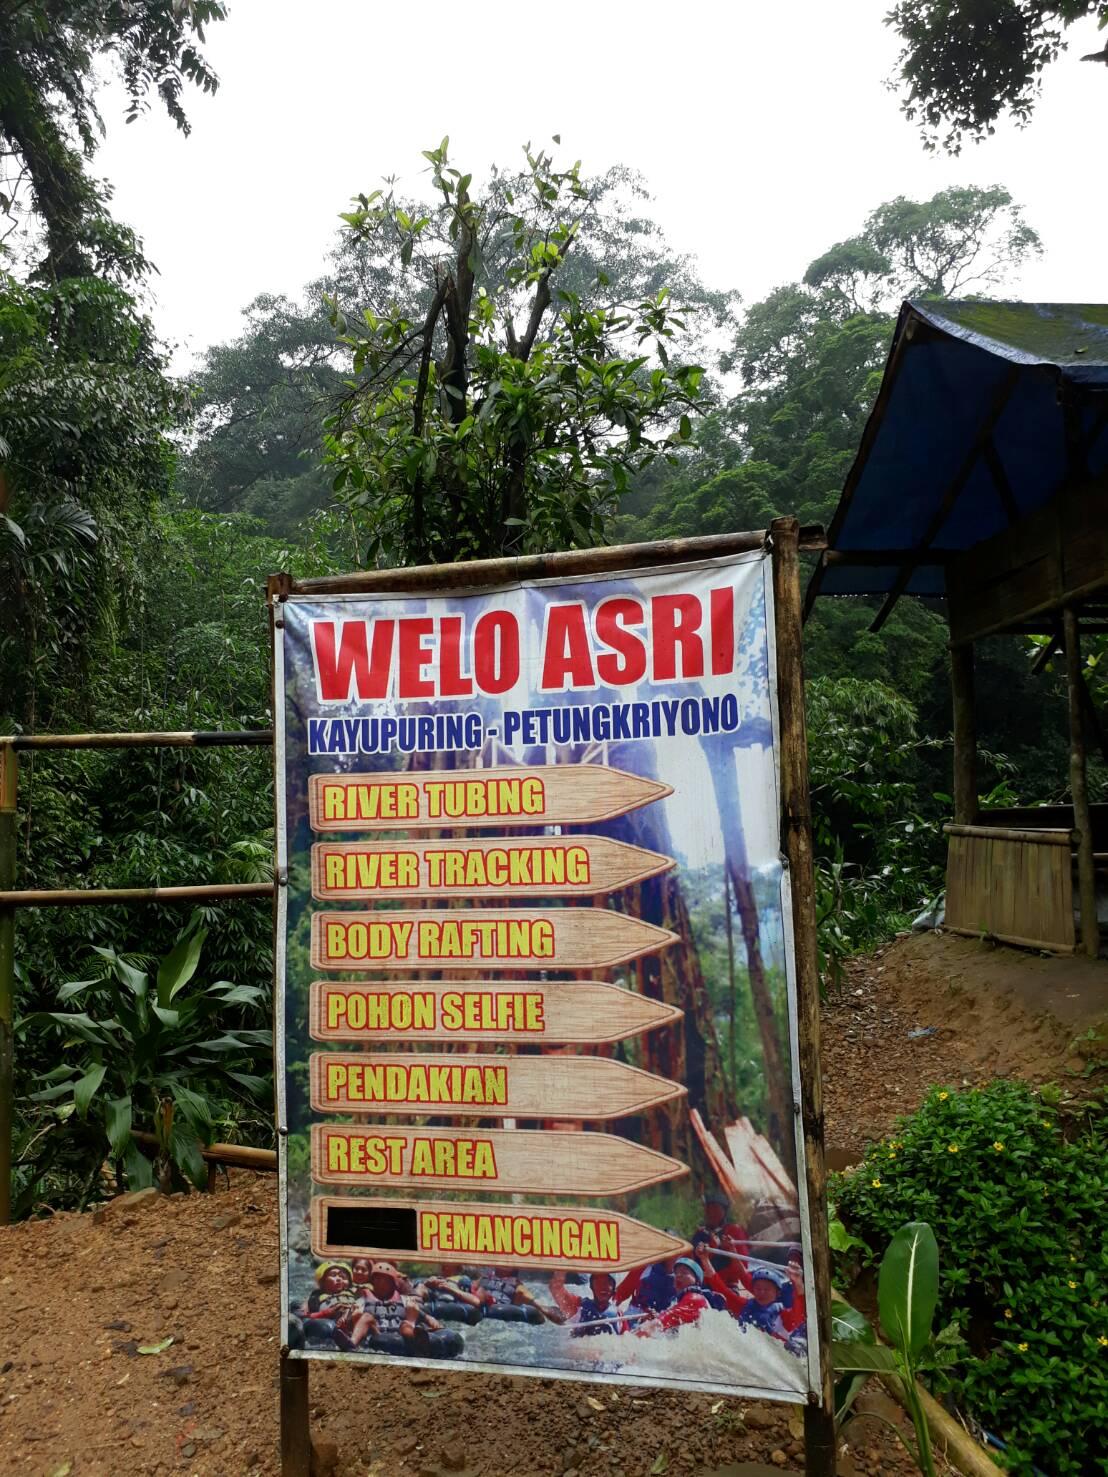 WISATA PETUNGKRIYONO: Welo Asri